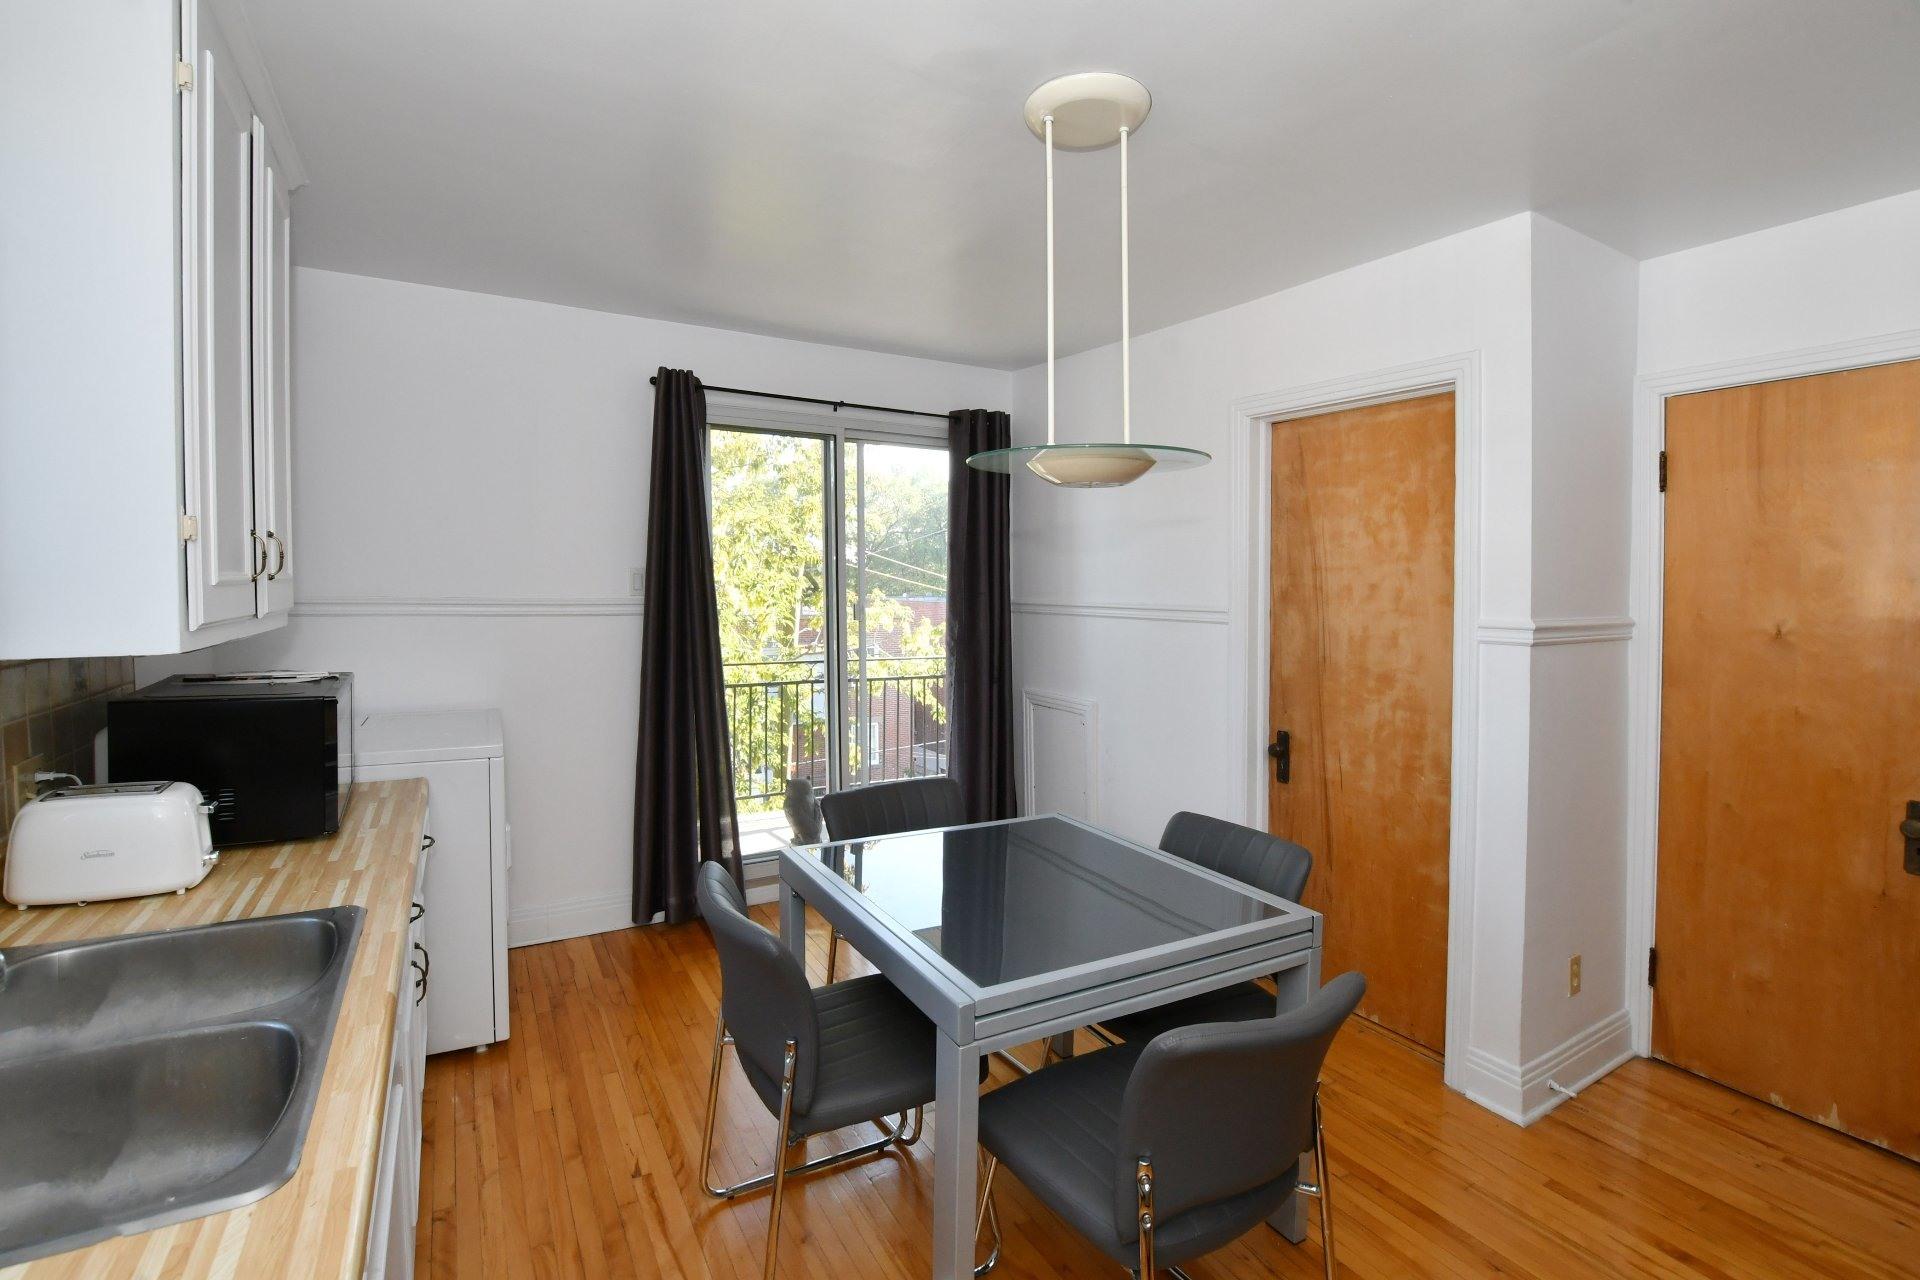 image 4 - Immeuble à revenus À vendre Montréal Villeray/Saint-Michel/Parc-Extension  - 4 pièces